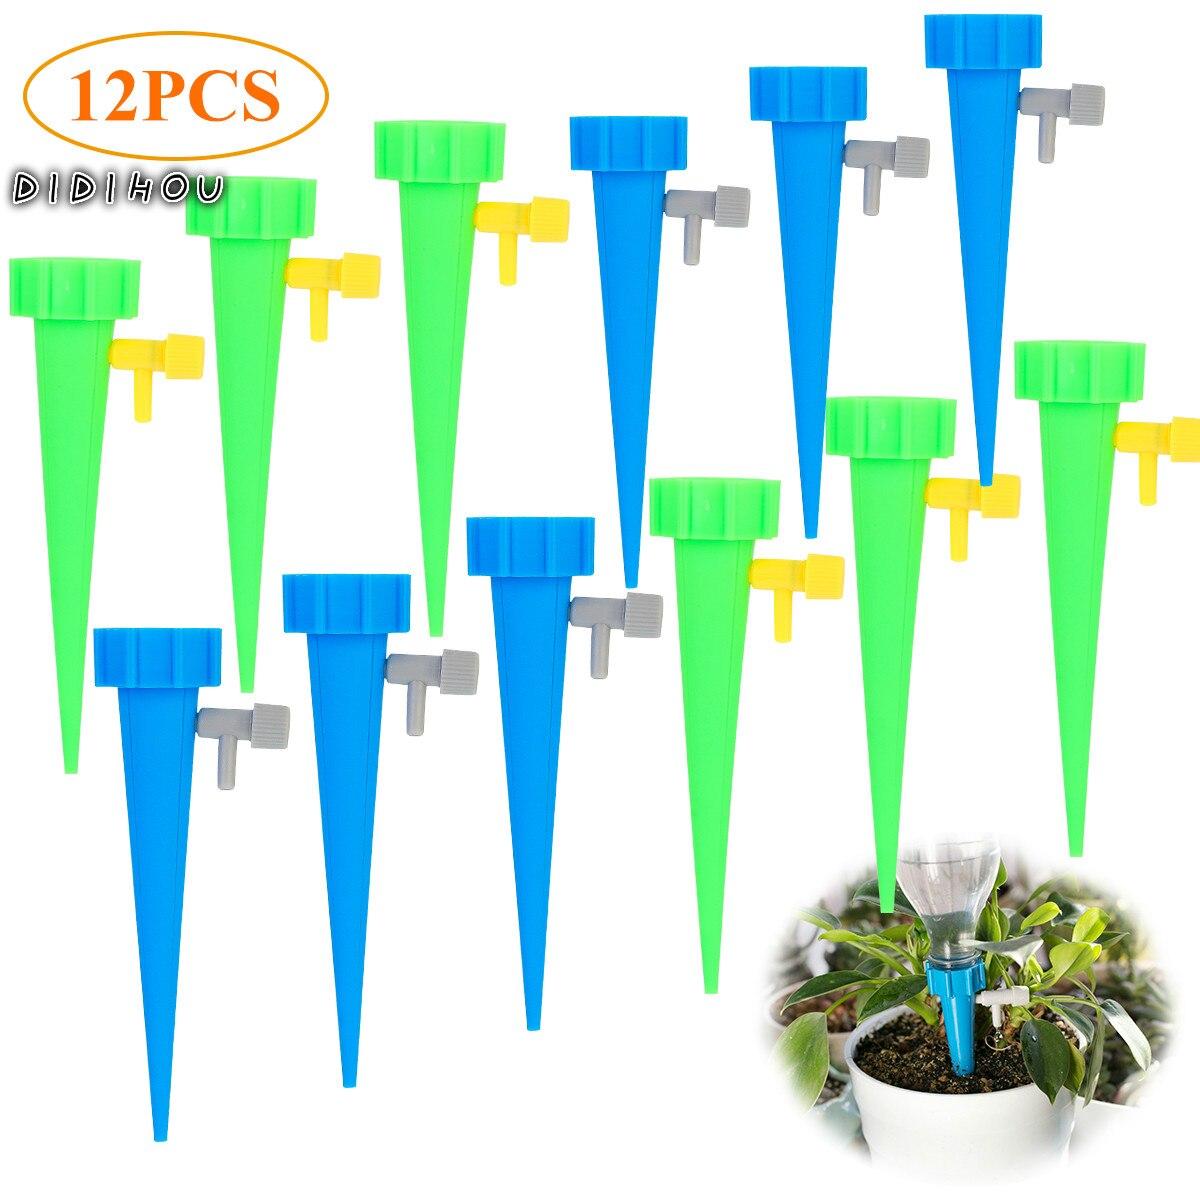 12 шт. Авто капельное орошение полив система капельница шип наборы сад дом растение цветок автоматический полив инструменты